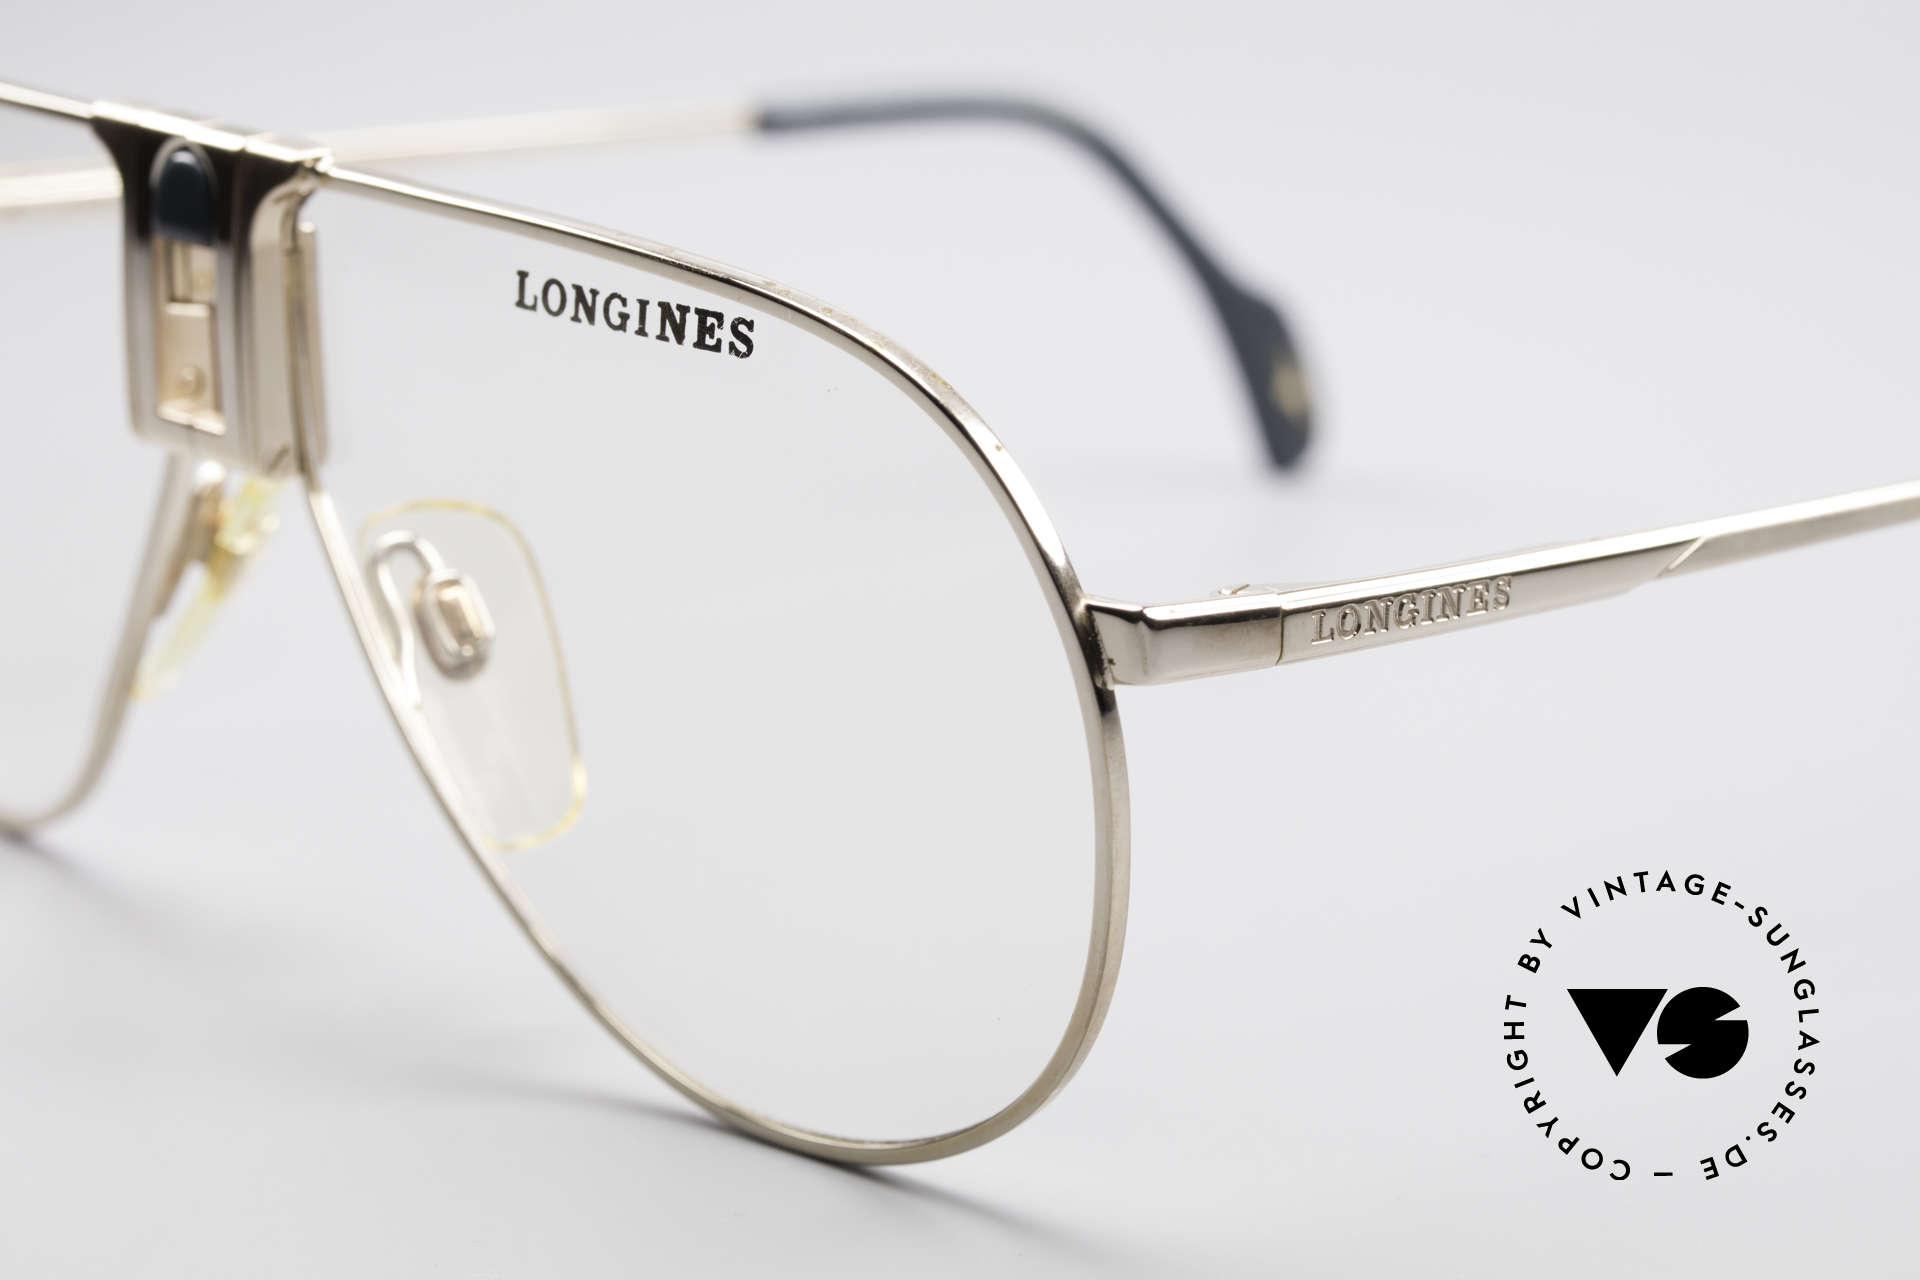 Longines 0154 Echte 80er Aviator Brille, ungetragen (wie alle unsere vintage Brillengestelle), Passend für Herren